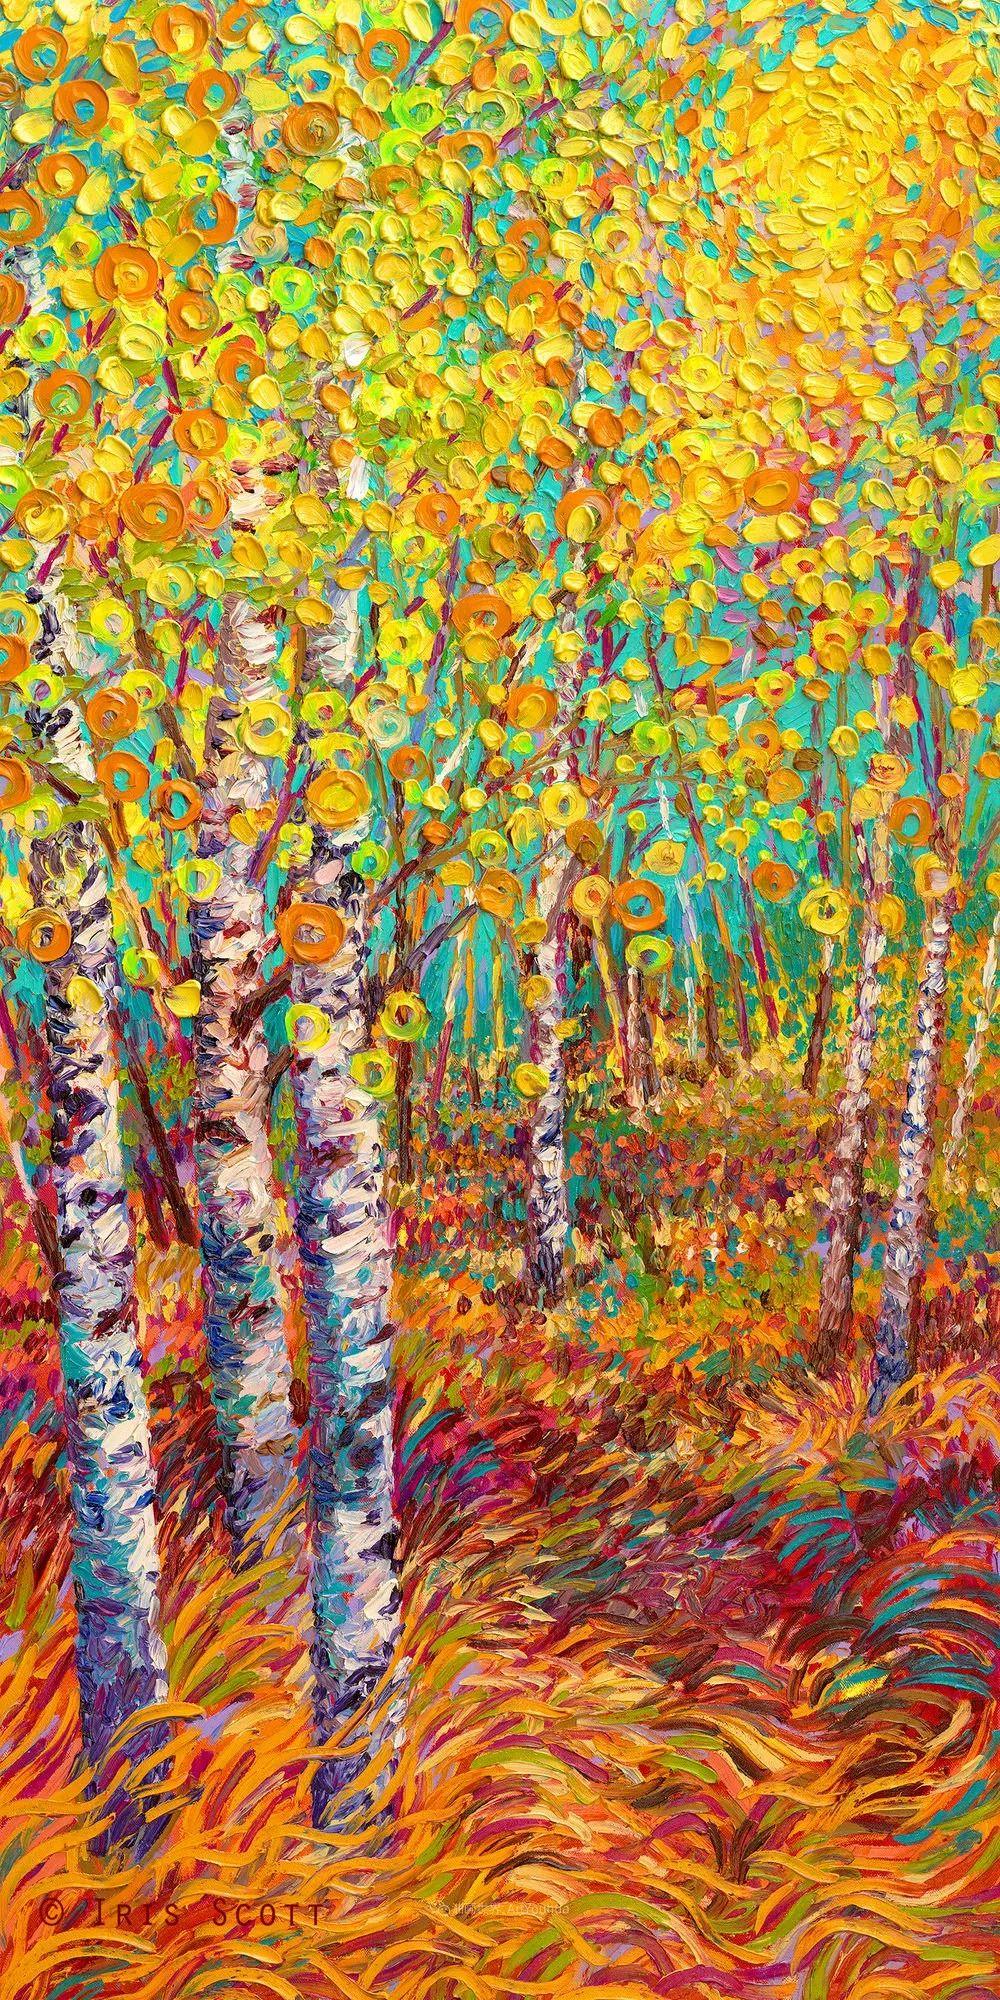 她用指尖来革新艺术世界,美国画家Iris Scott画选(上)插图21